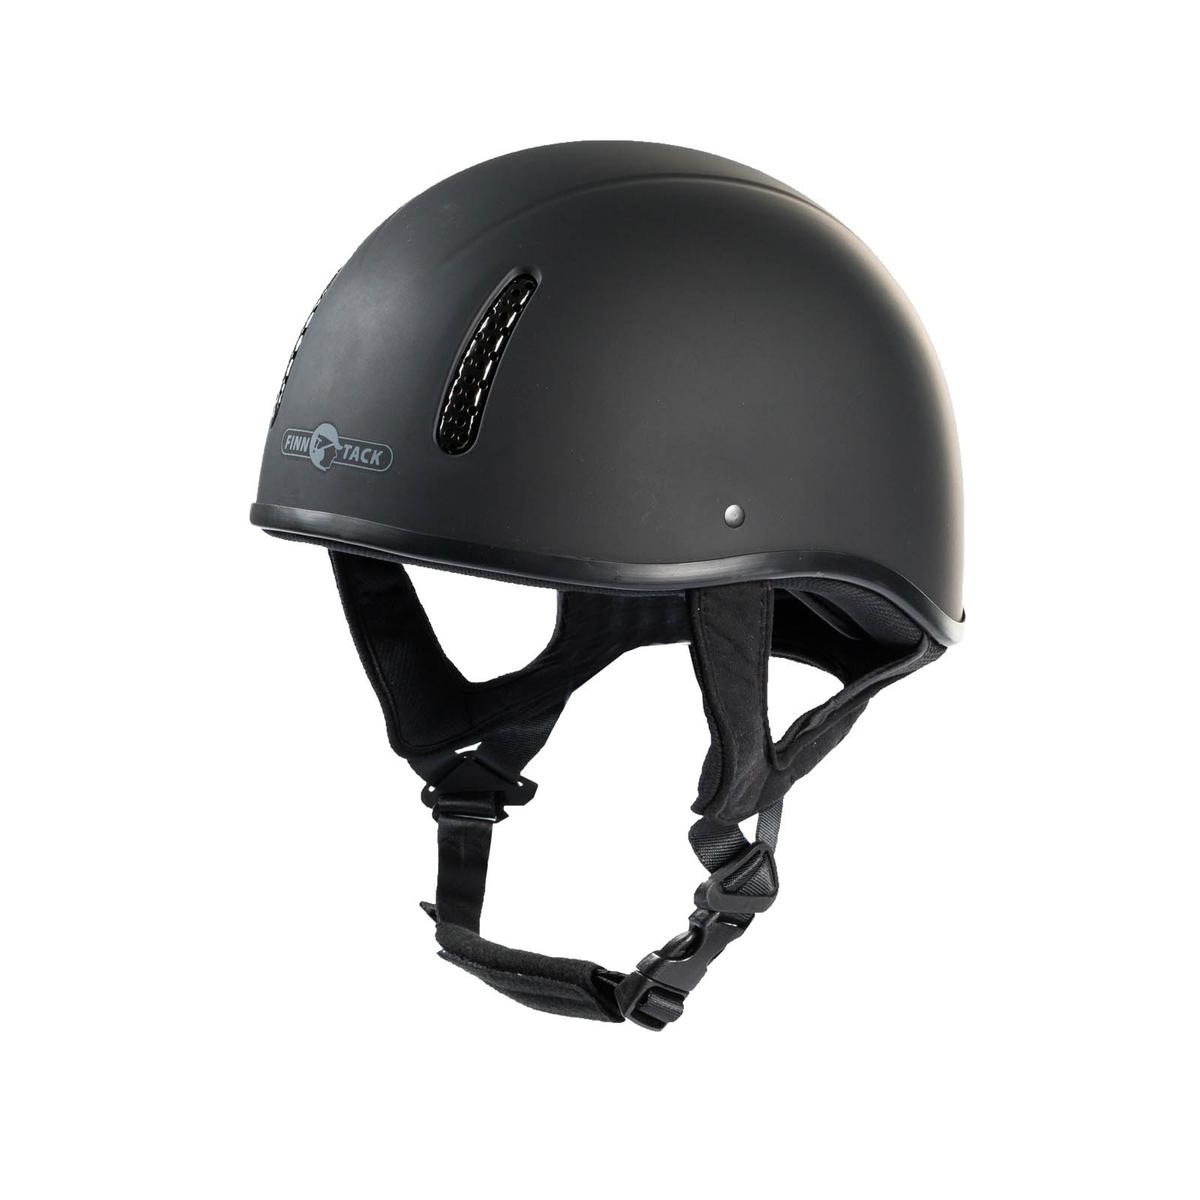 Finntack Pro Jockey Helmet